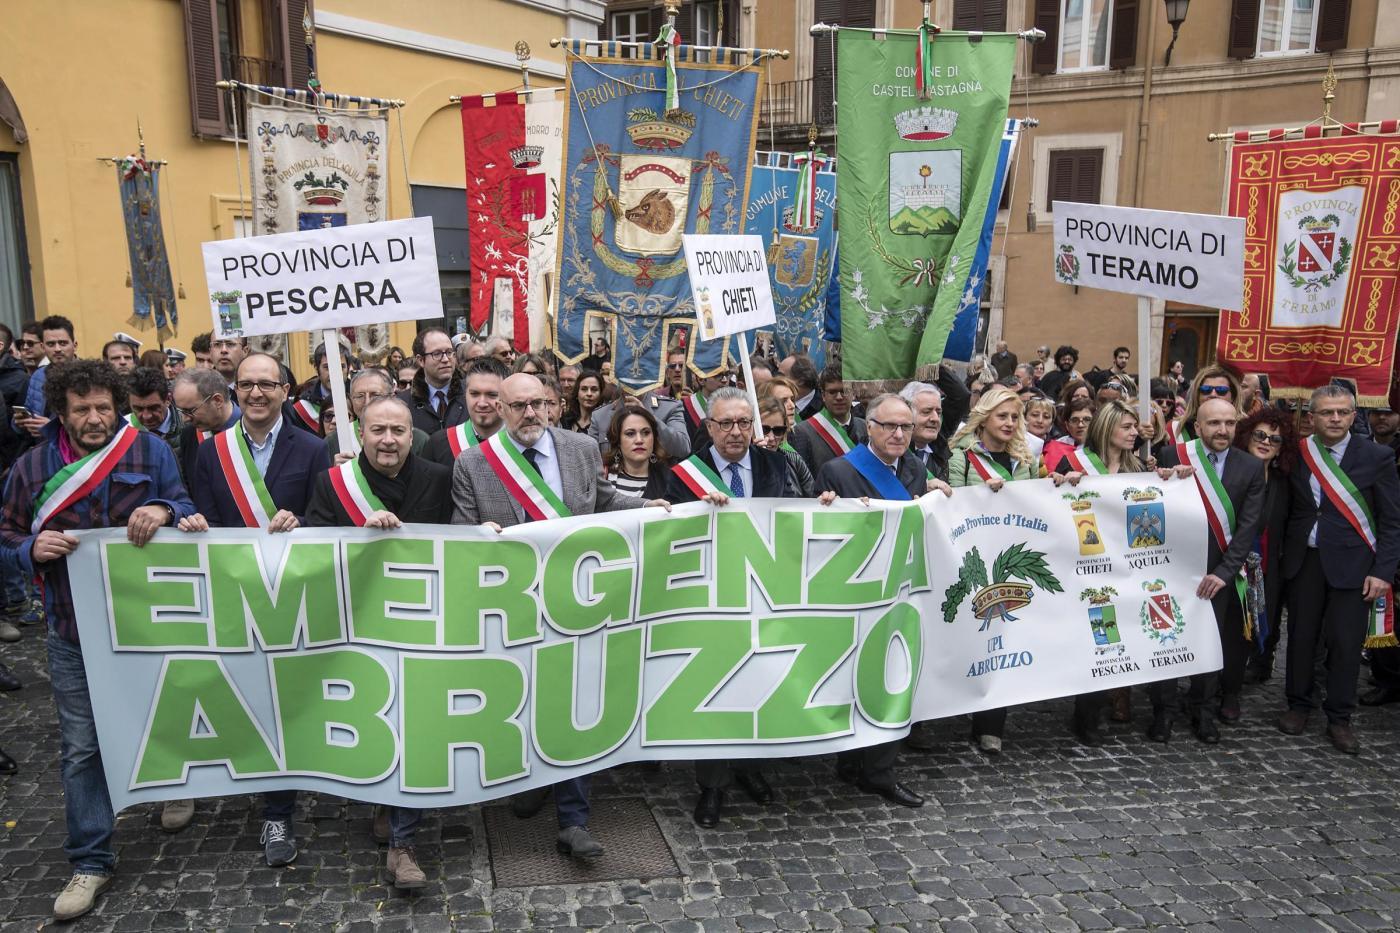 Manifestazione province abruzzesi per modifiche decreto sisma